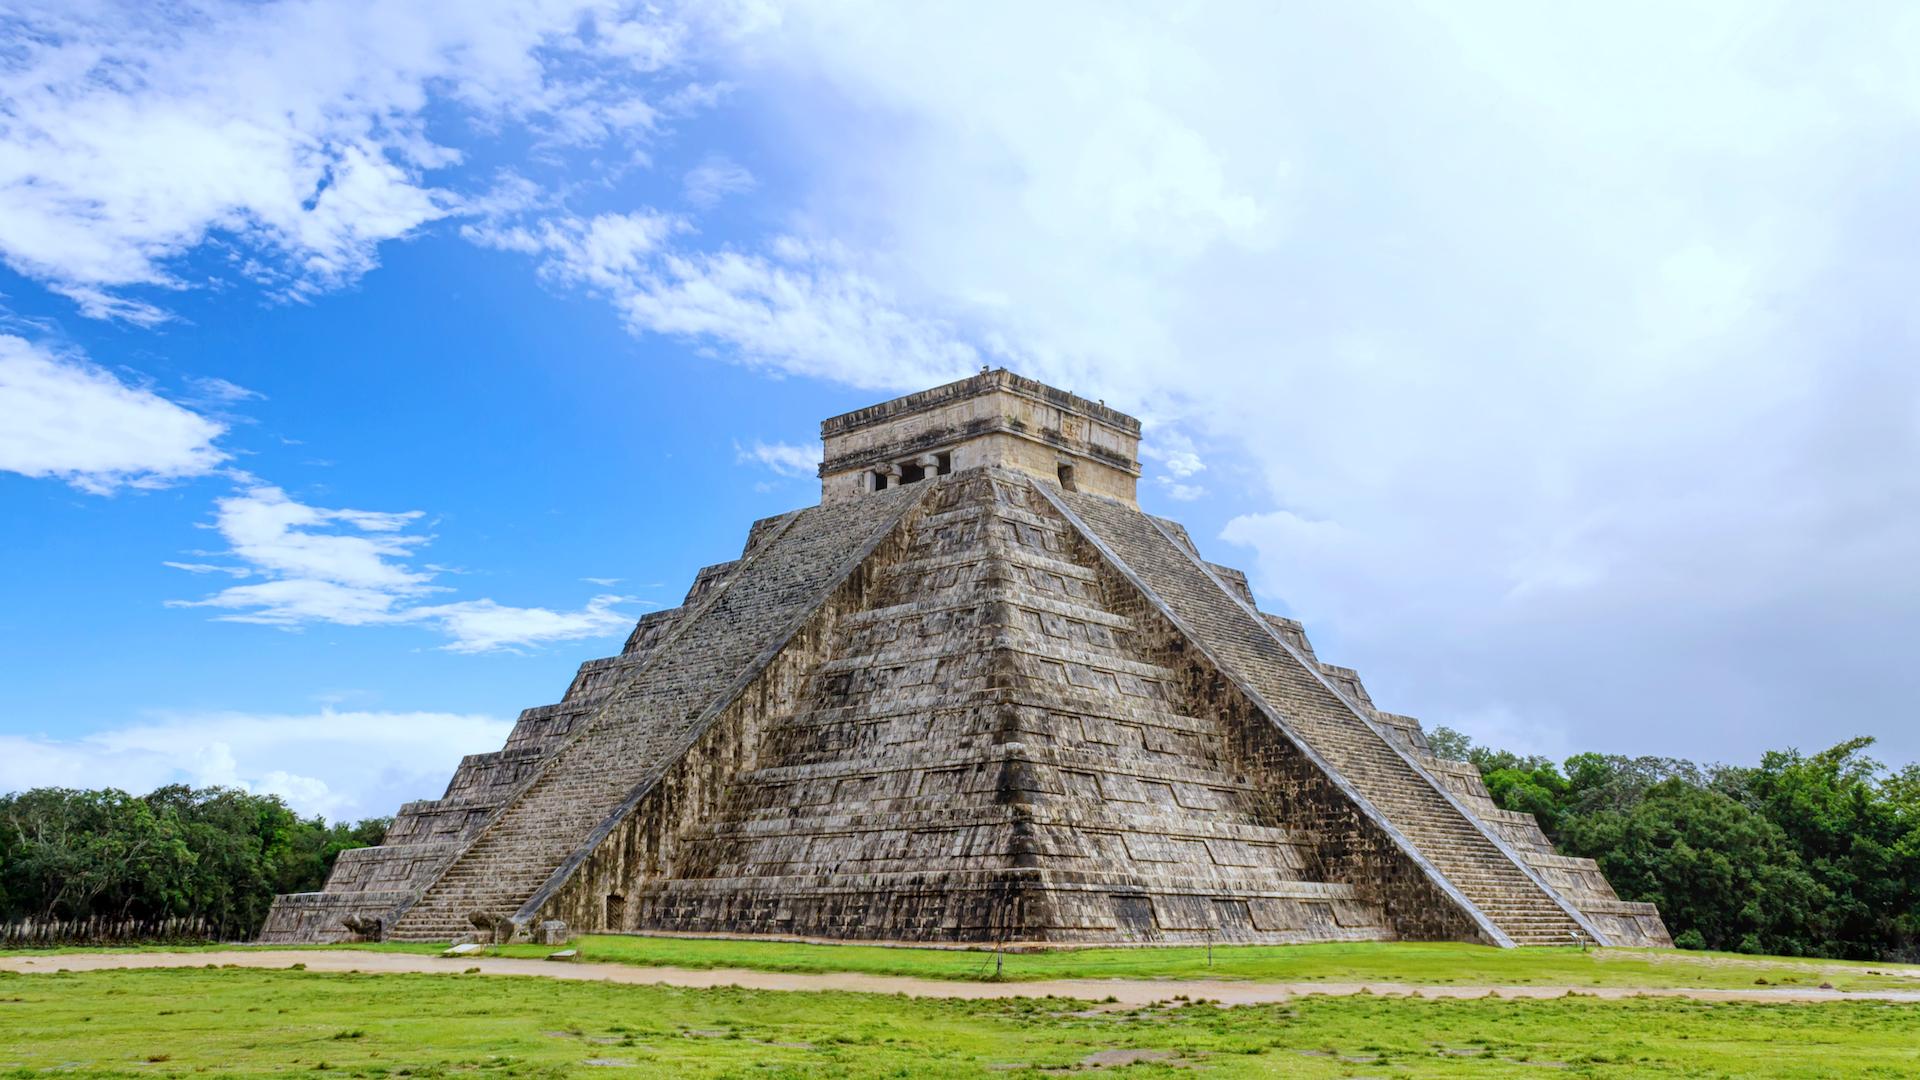 Concurso Insta México: viajar gratis subiendo una foto a Instagram